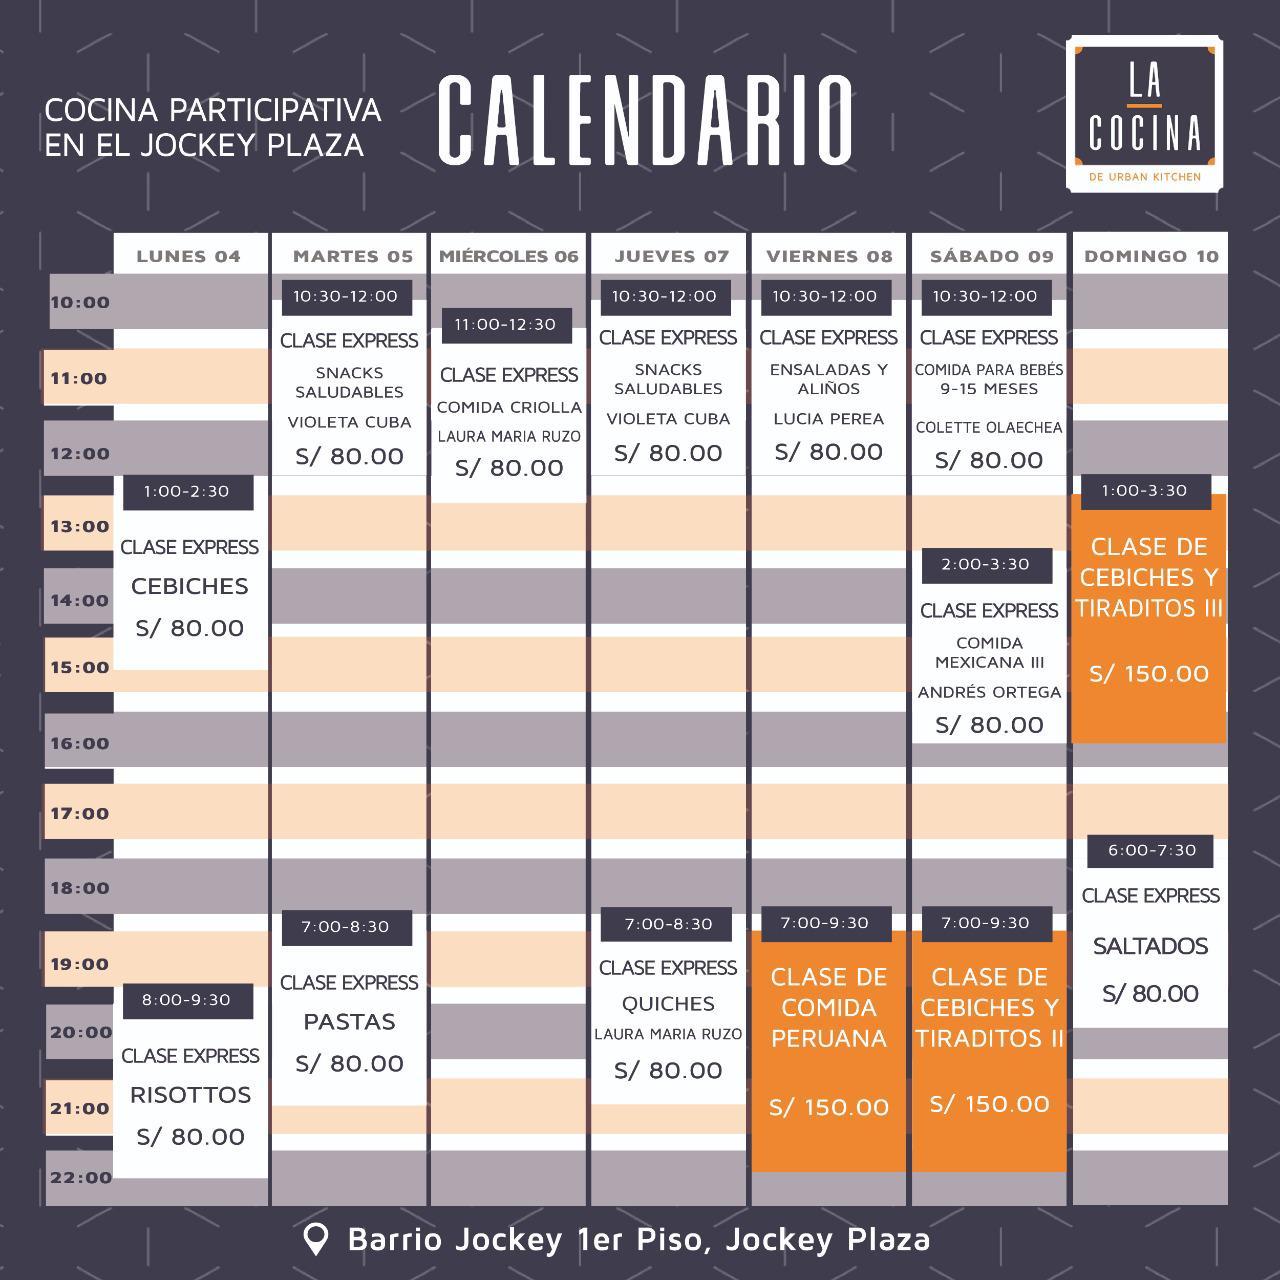 calendario 2 - la cocina de urban kitchen - colette olaechea - mama chef